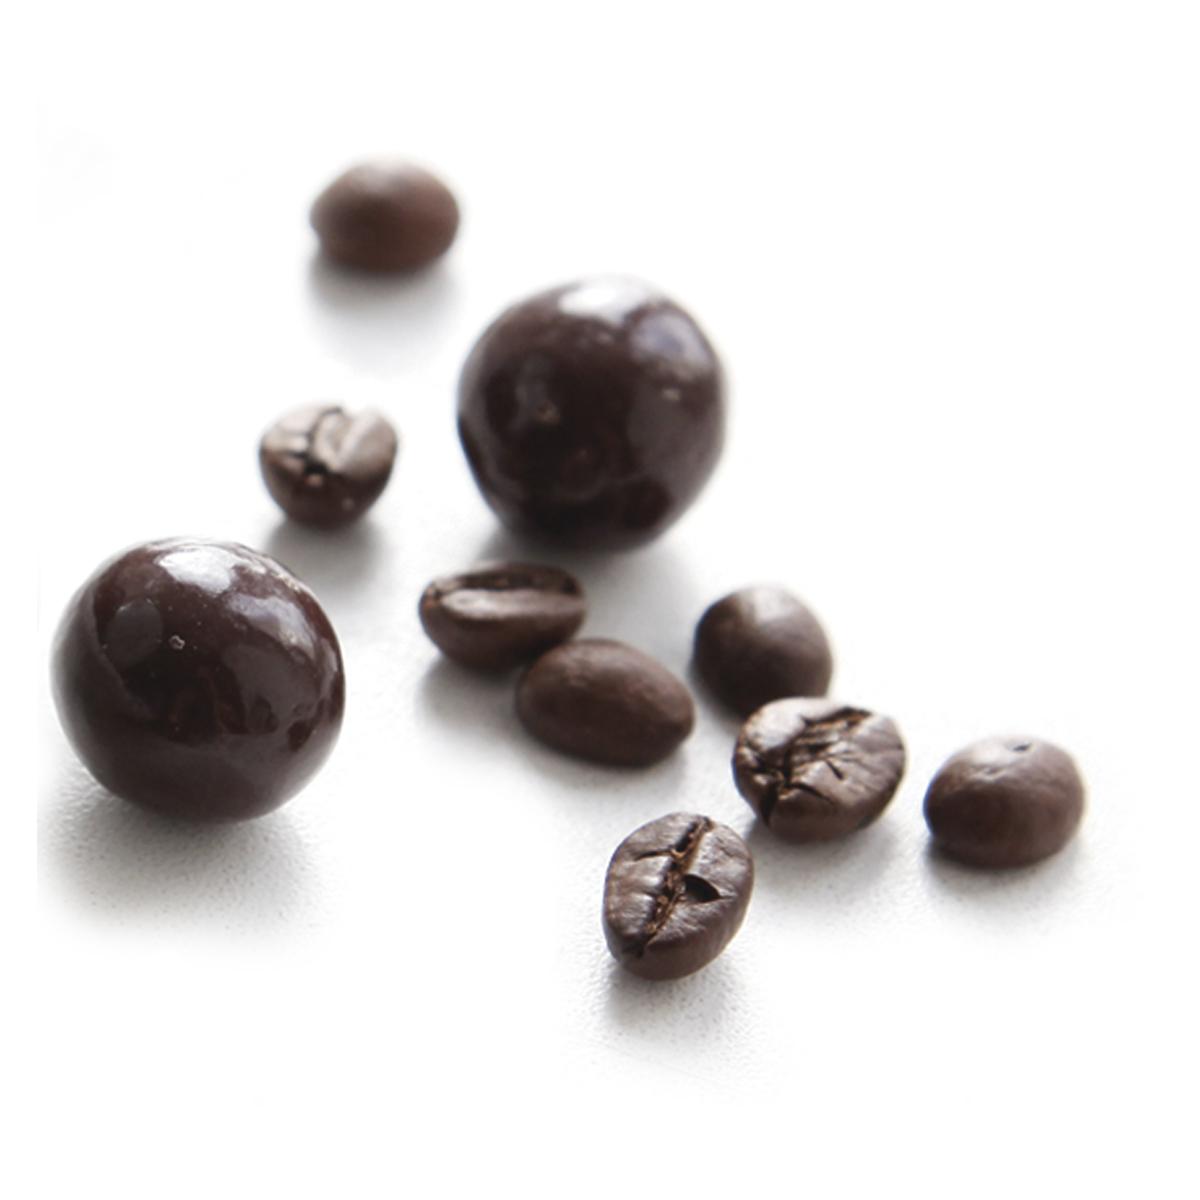 Конфеты Casa Rinaldi драже Кофе в тёмном шоколаде 1 кг